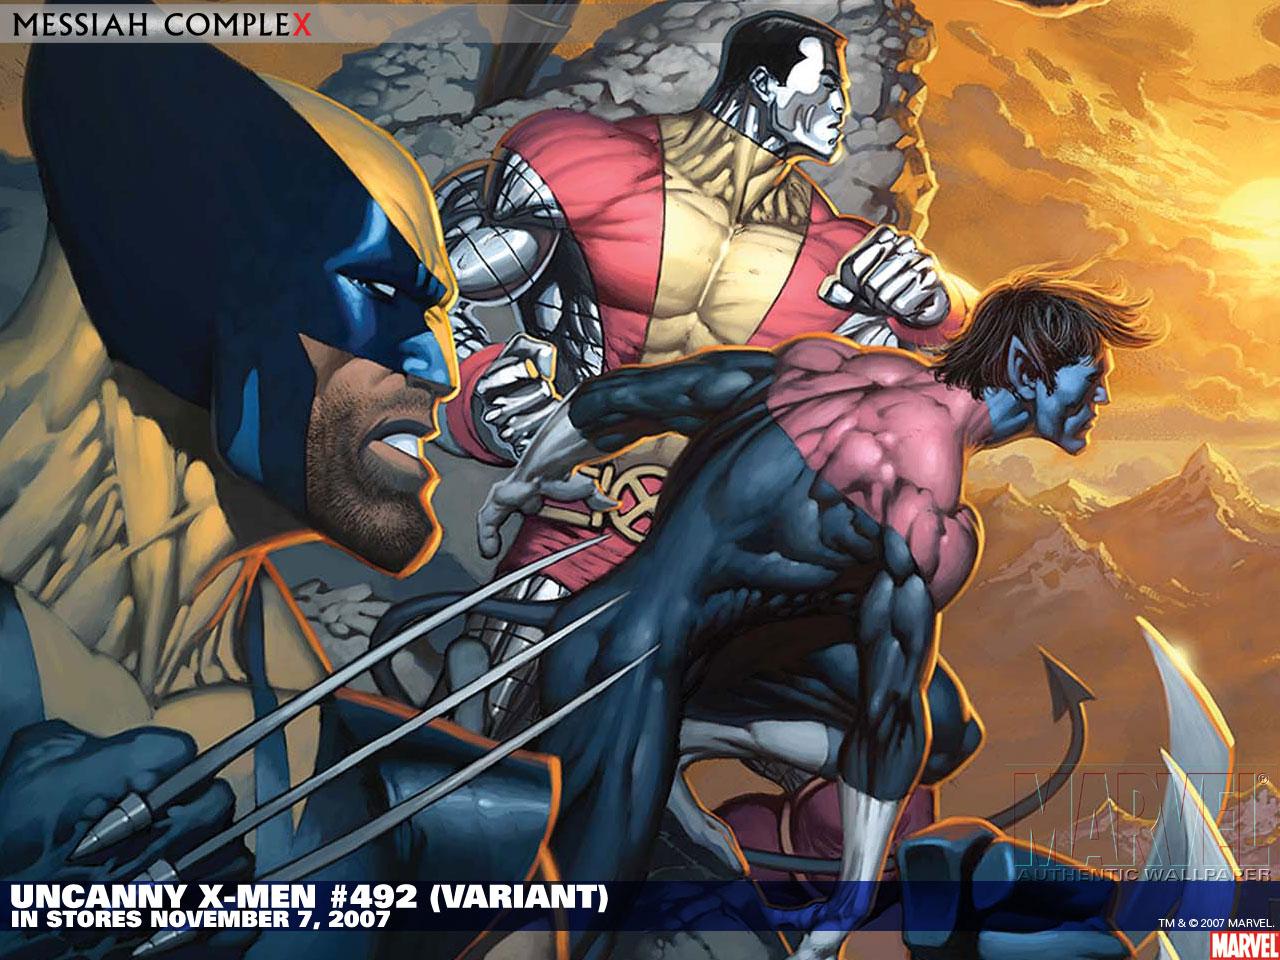 Good Wallpaper Marvel Variant - 4be96b6e3dbec  Best Photo Reference_225398.jpg